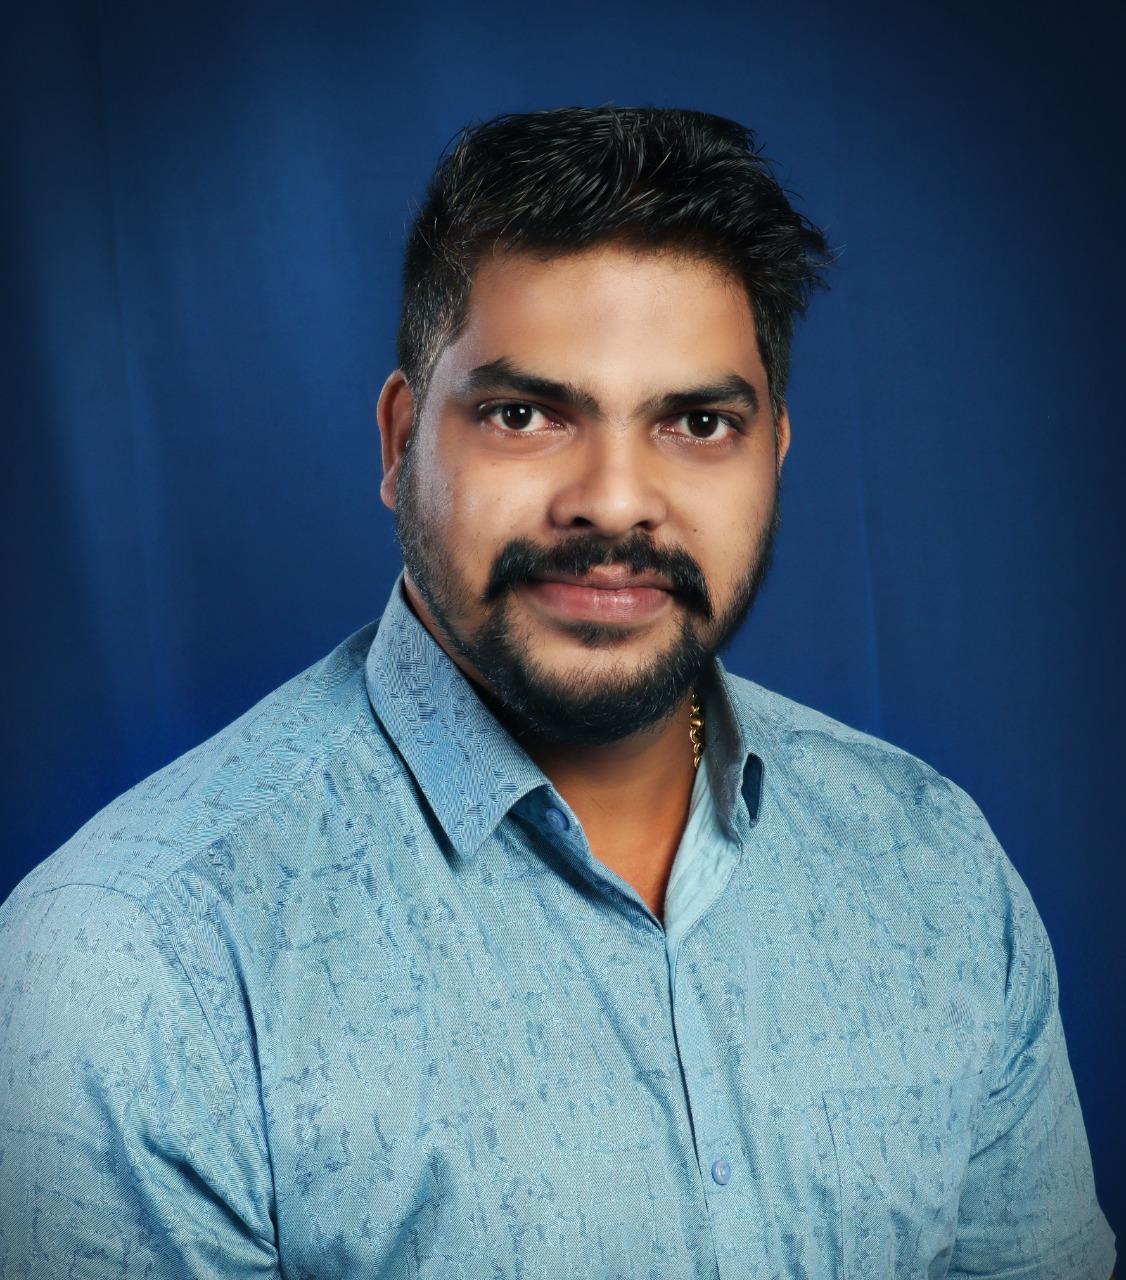 संवाद मीडियाच्या वर्धापन दिनास हार्दिक शुभेच्छा! – श्री. बाबली रामा वायंगणकर.